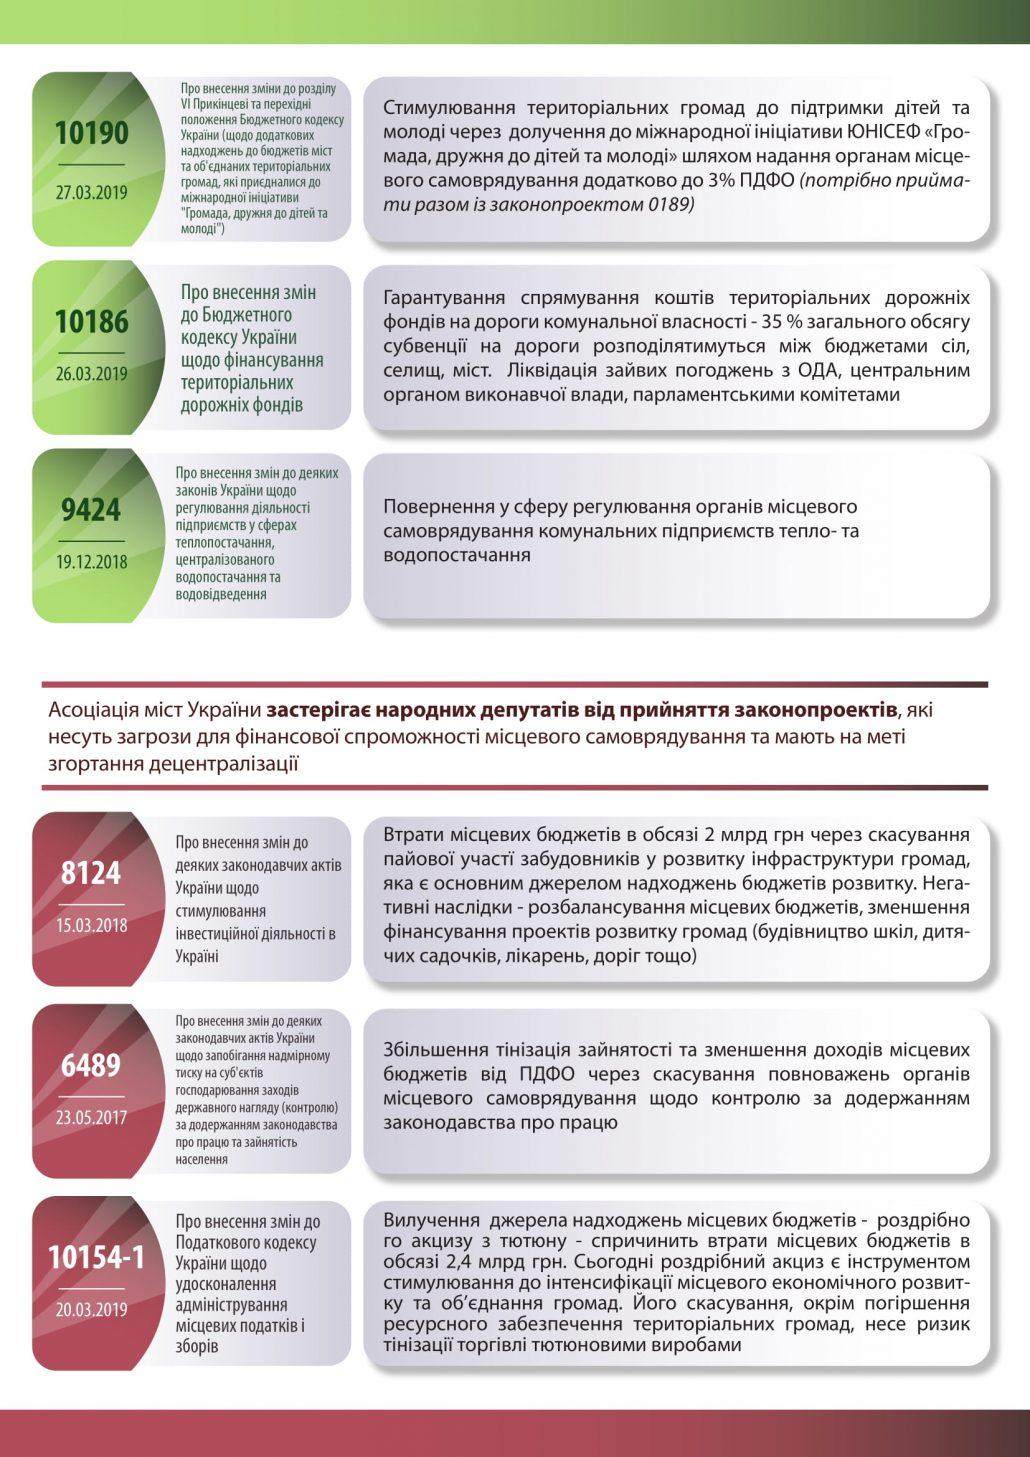 Нардепів від Кіровоградщини закликають підтримати децентралізаційні закони - 2 - Децентралізація - Без Купюр